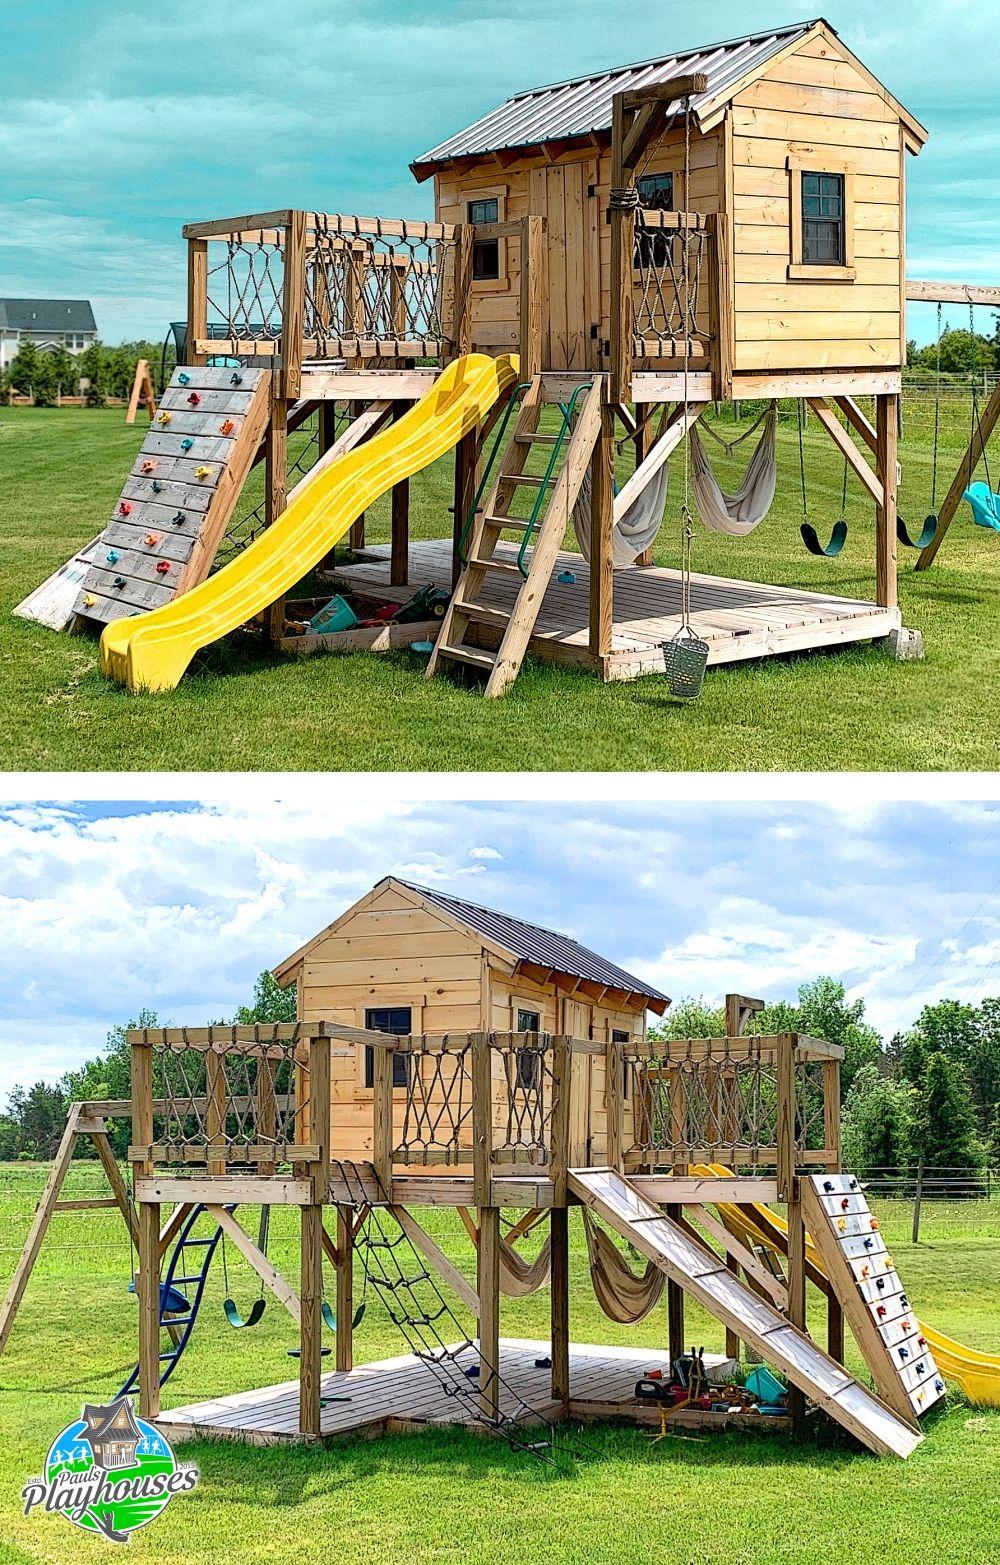 Playground Playhouse Plan